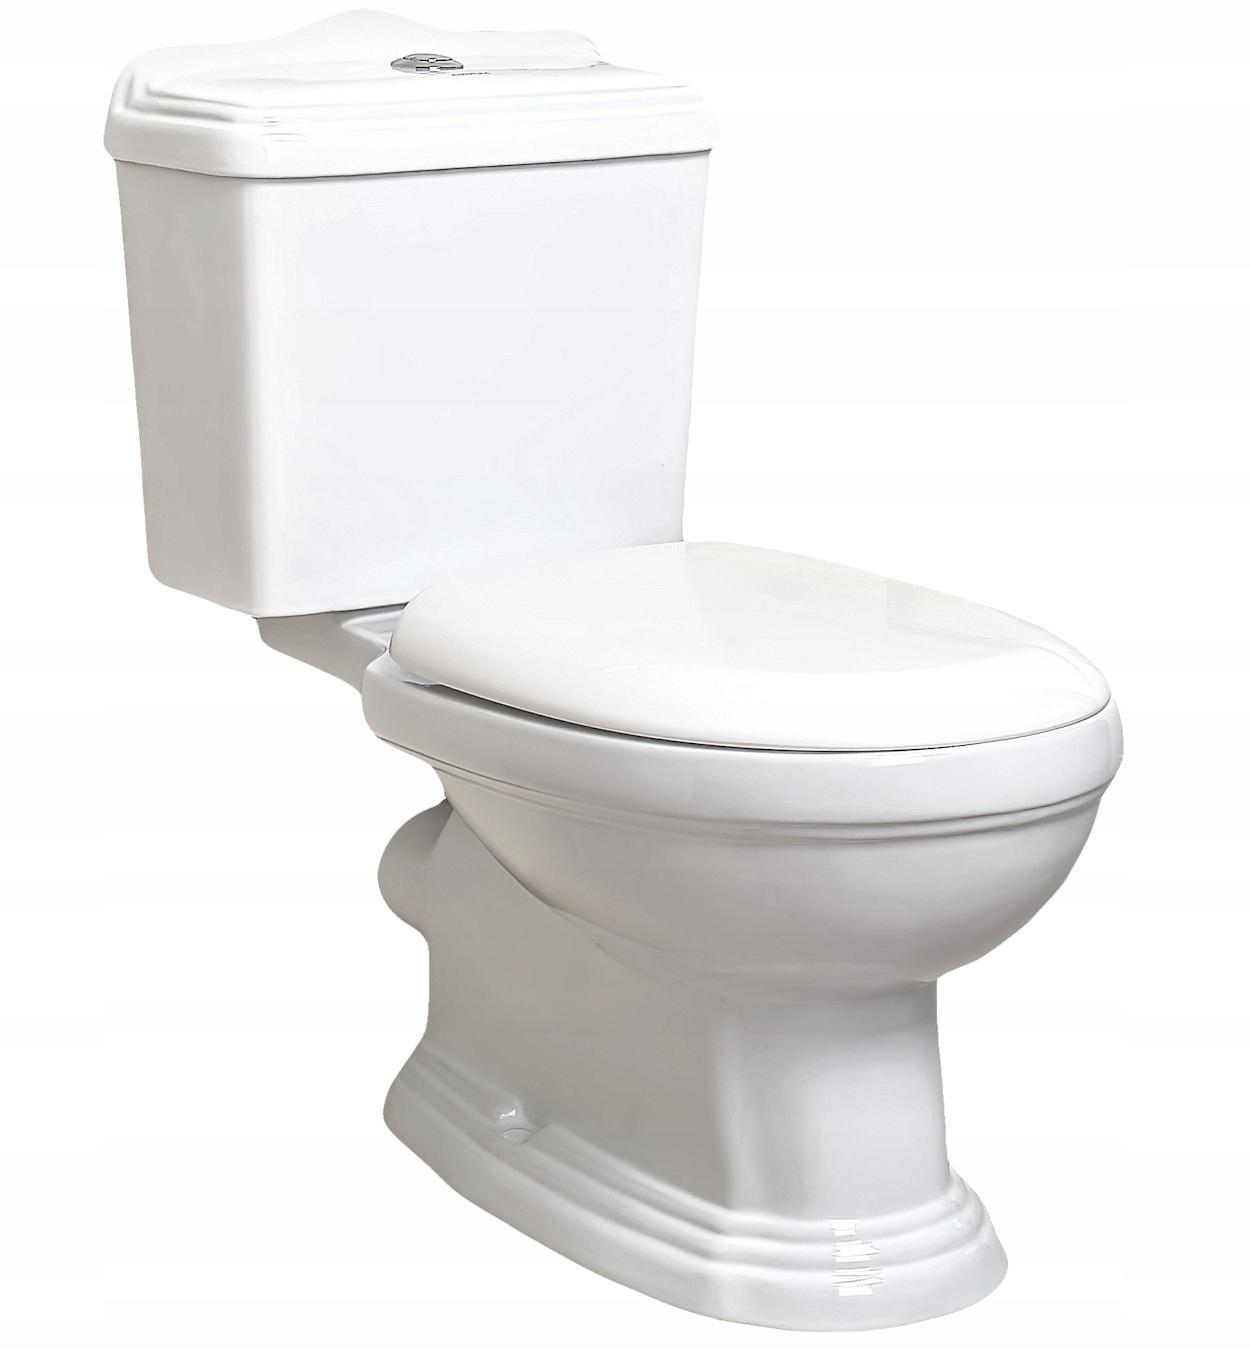 Kompaktné WC so sedadlom Retro / KR 13